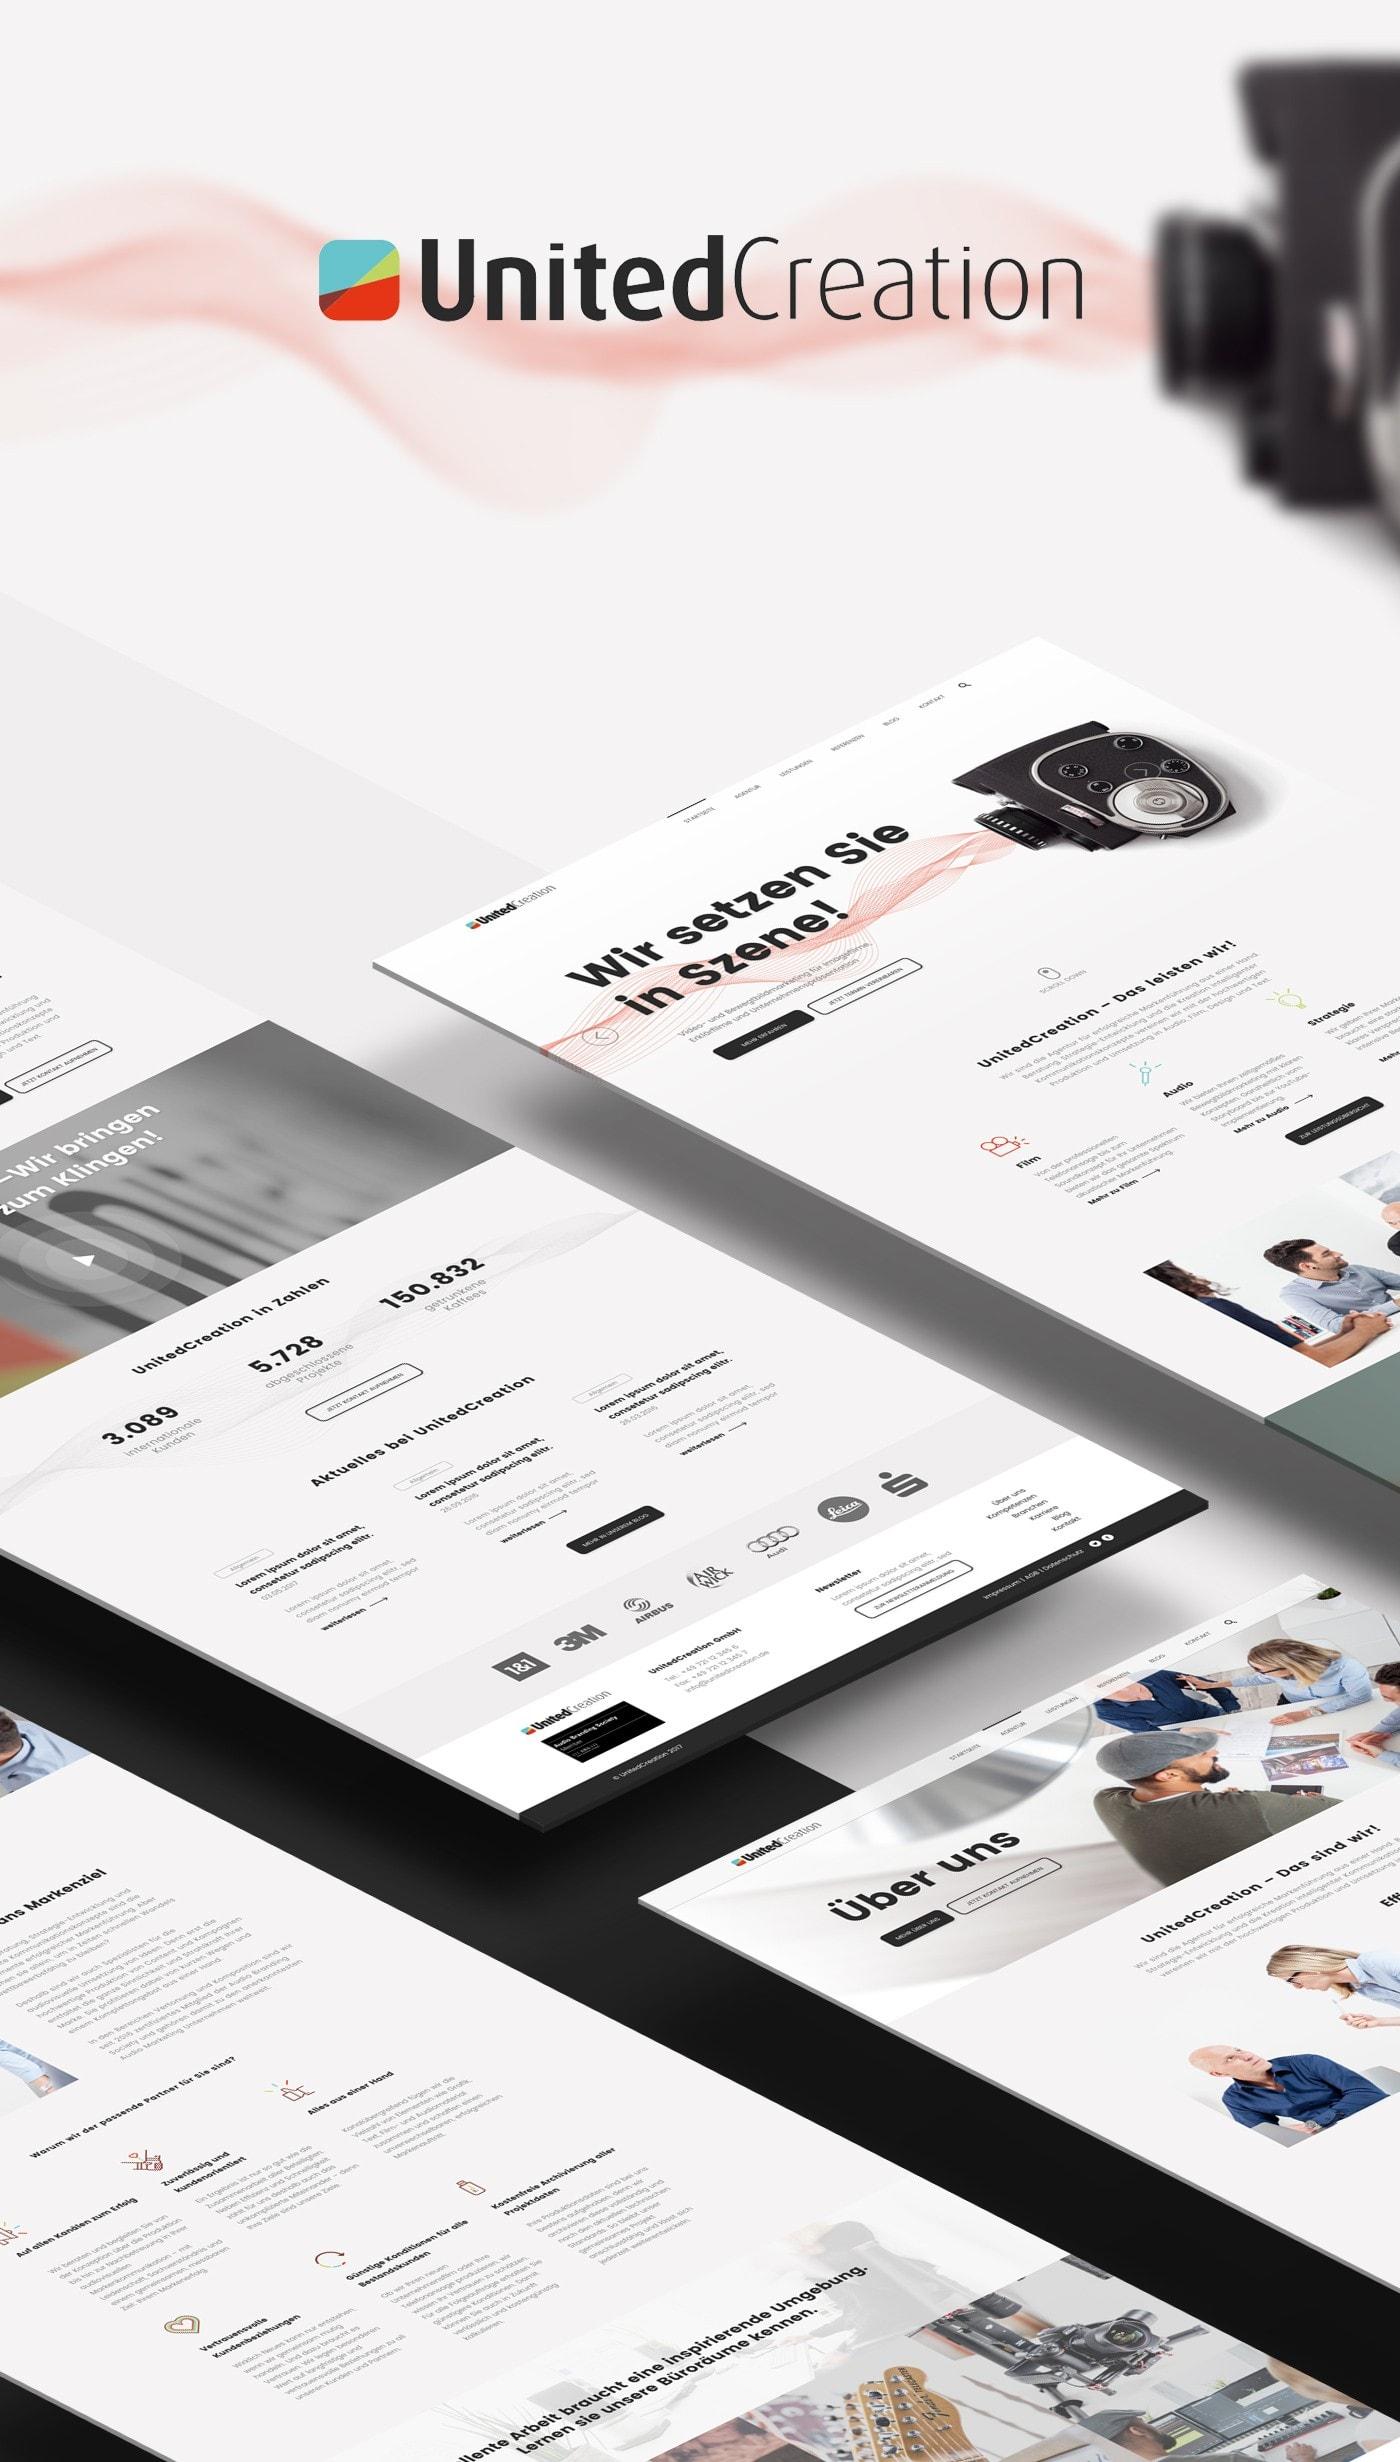 UnitedCreation Webdesign Style